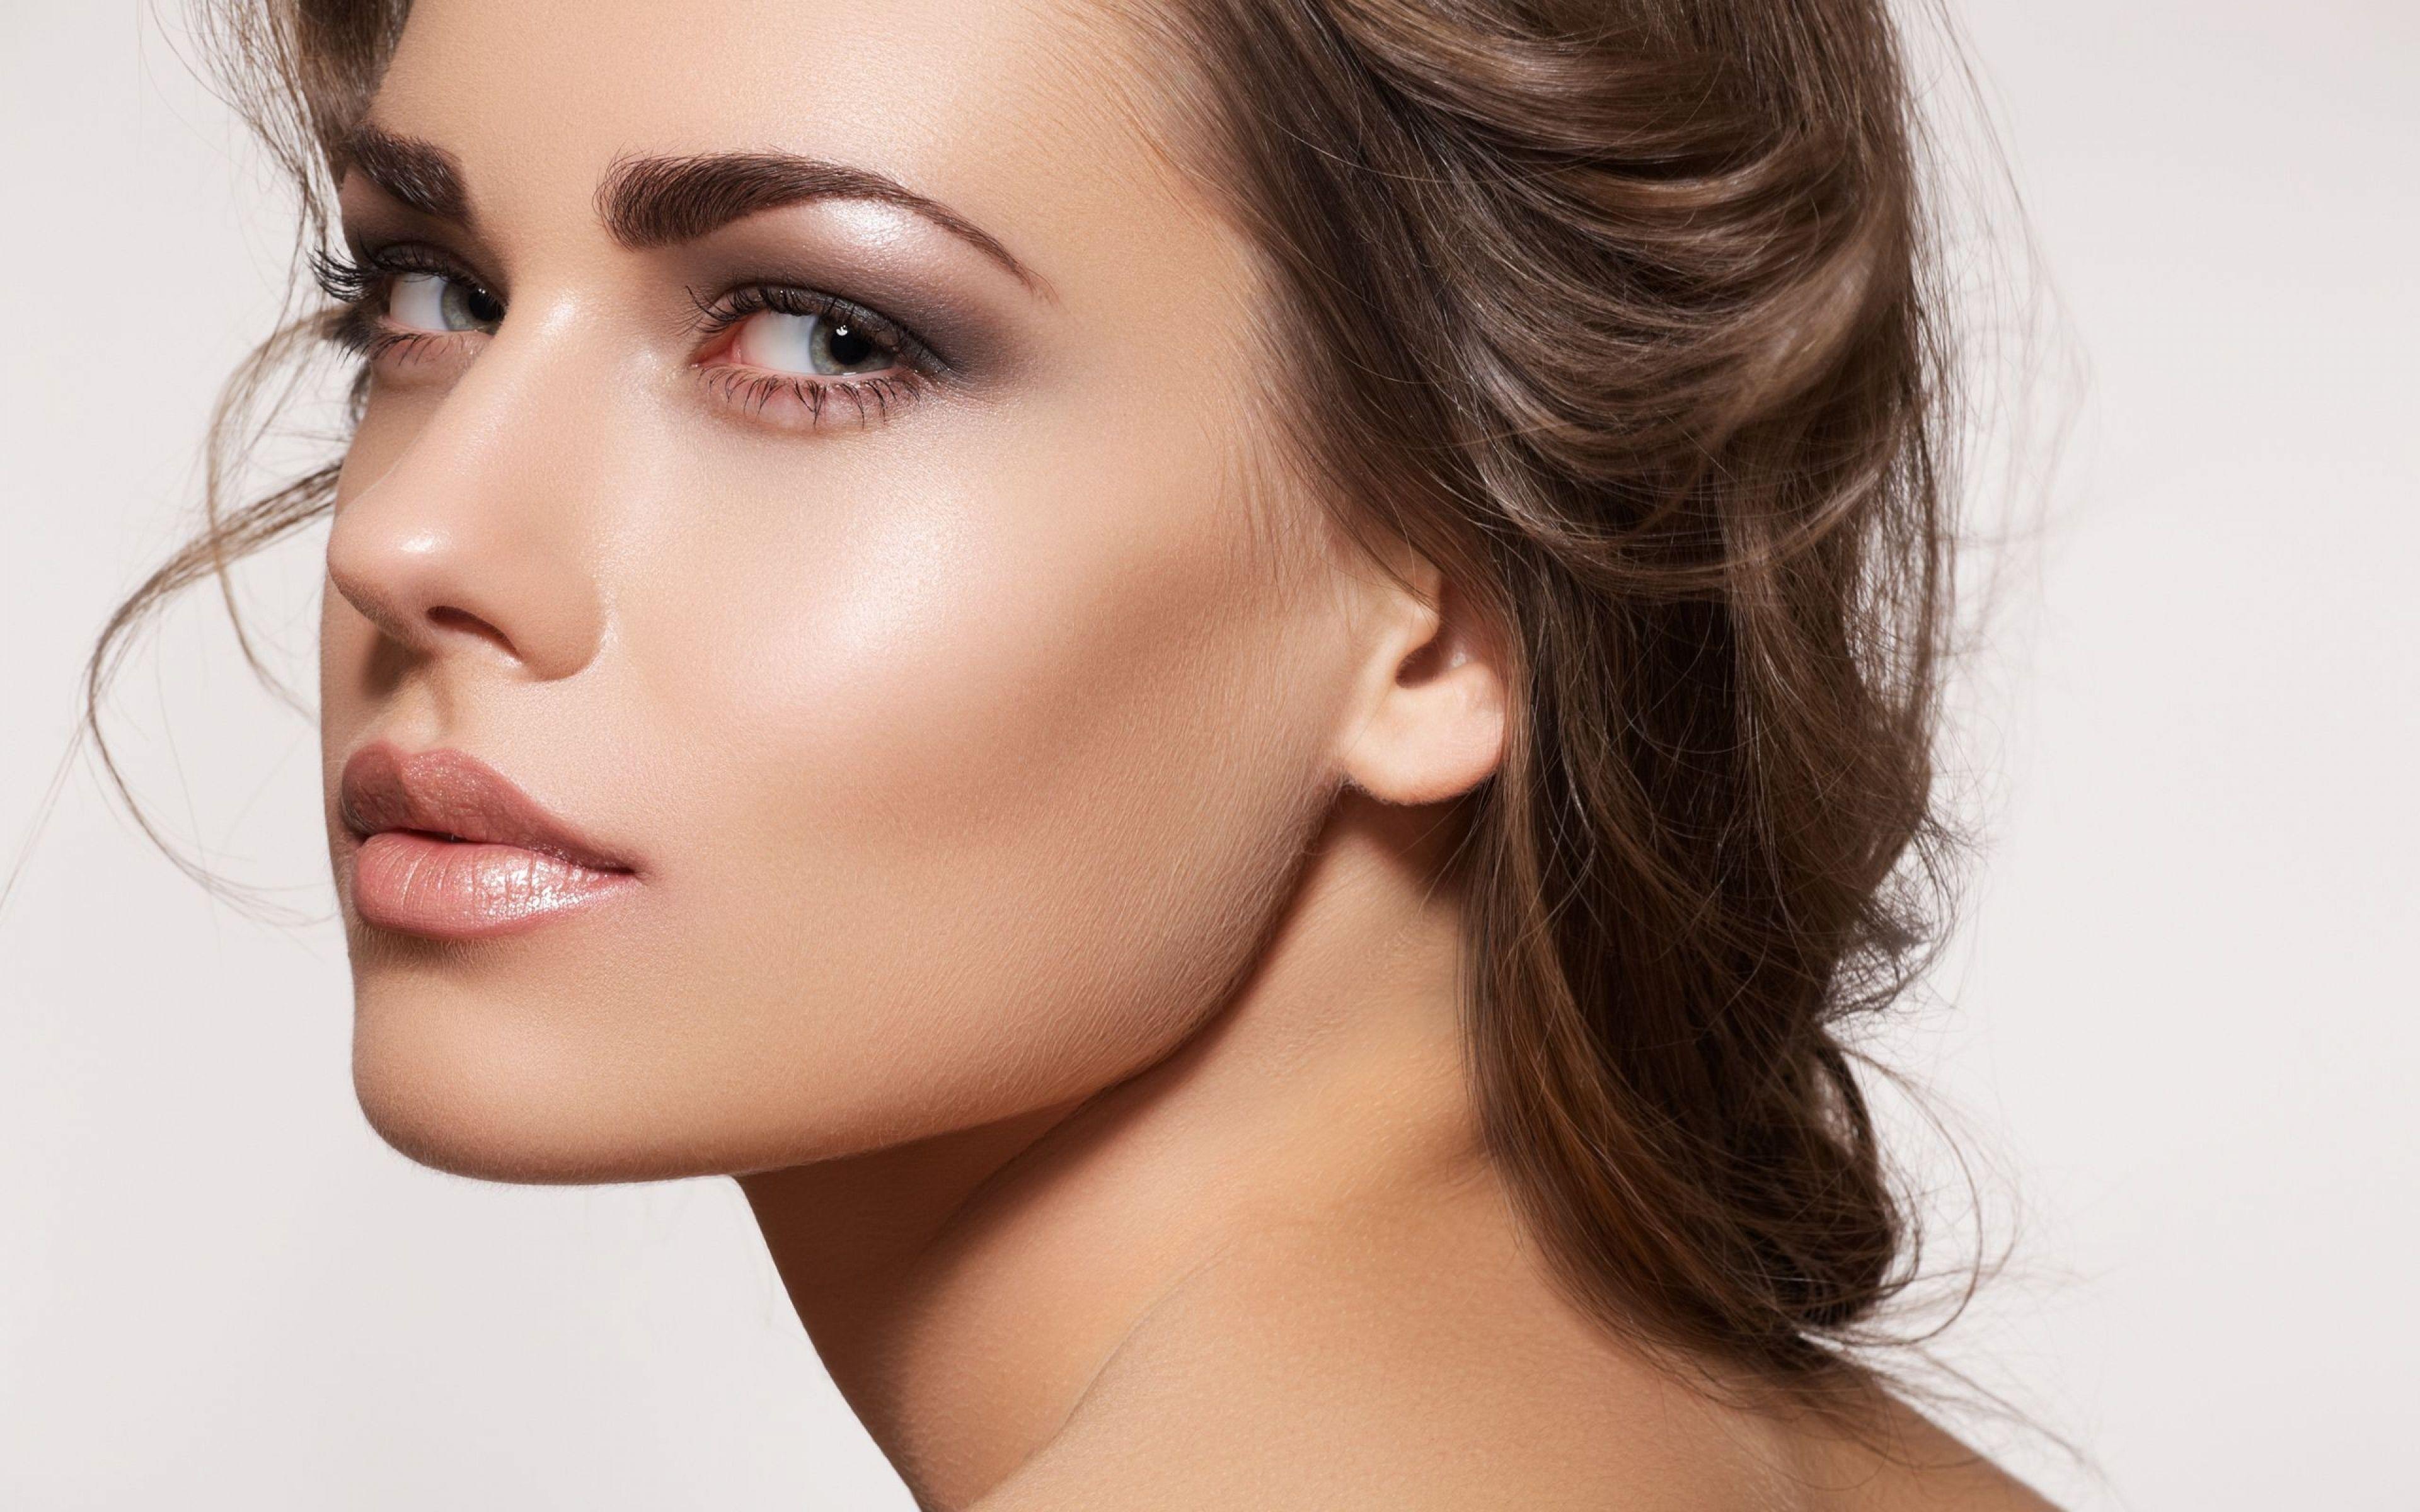 image result for model faces faces pinterest models makeup